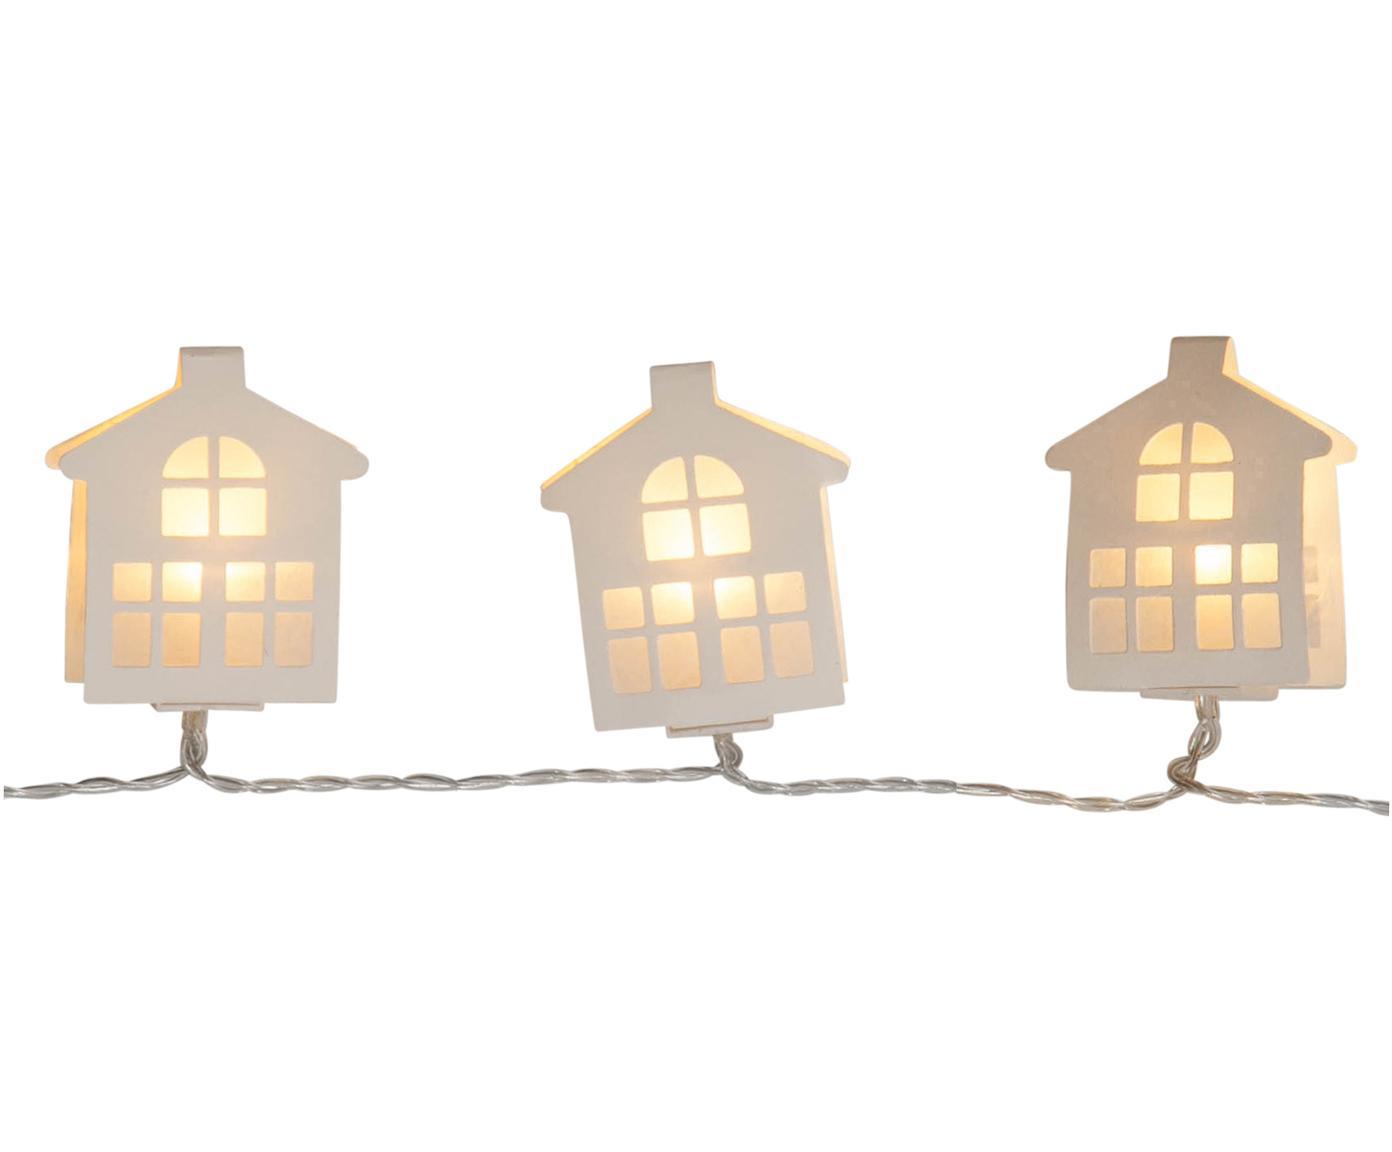 Guirnalda de luces LED Paperwork,225cm, Linternas: papel, Cable: plástico, Blanco, L 225 cm